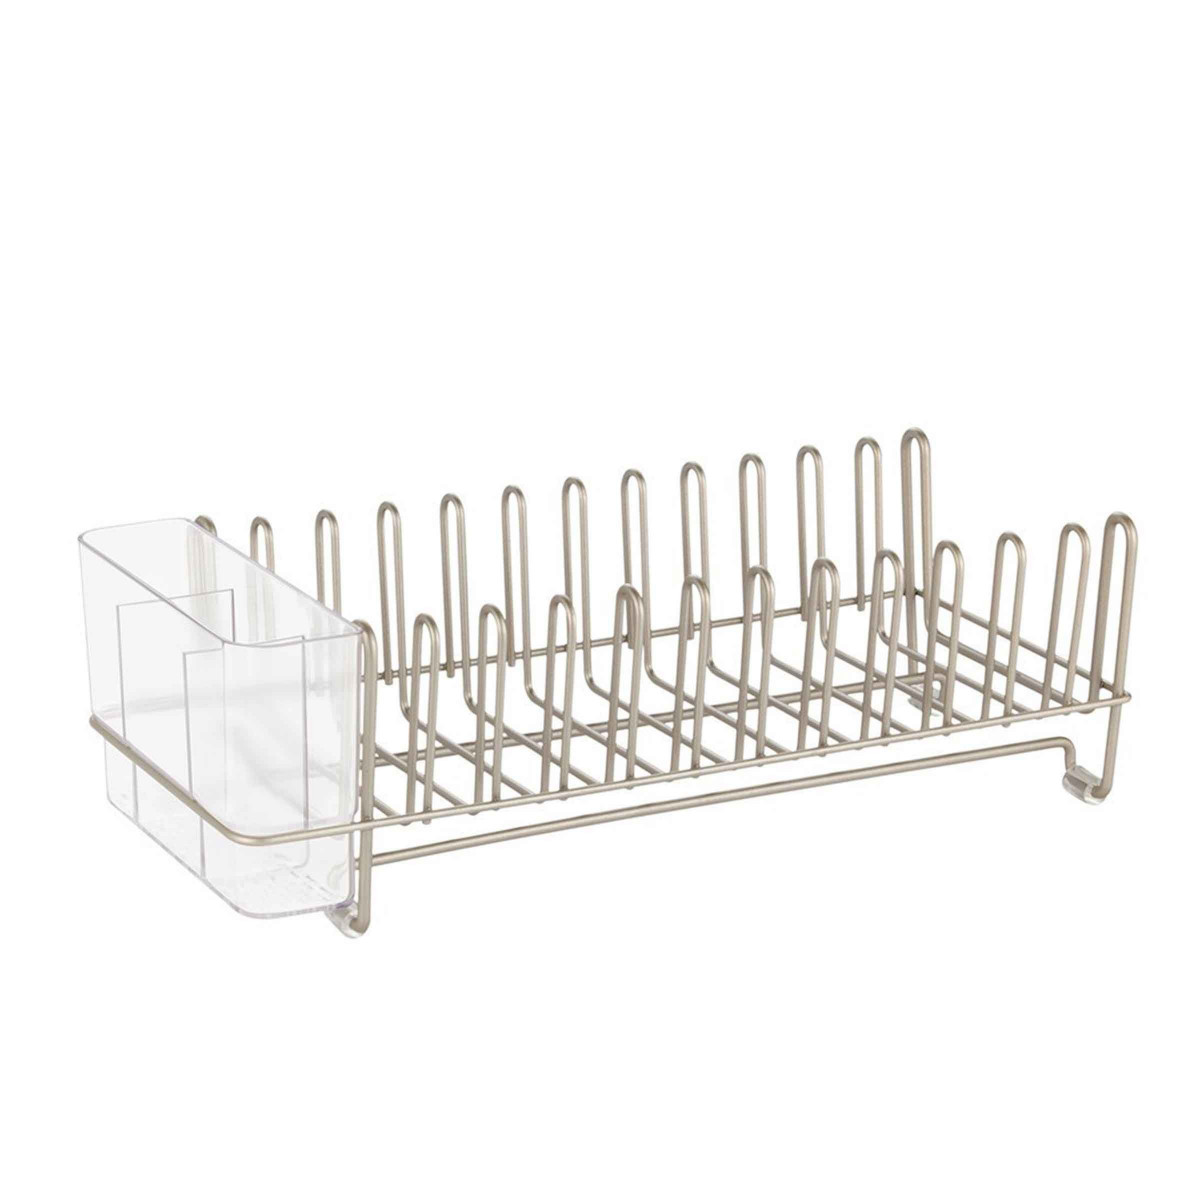 Egouttoir à vaisselle compact - 12 assiettes et couverts